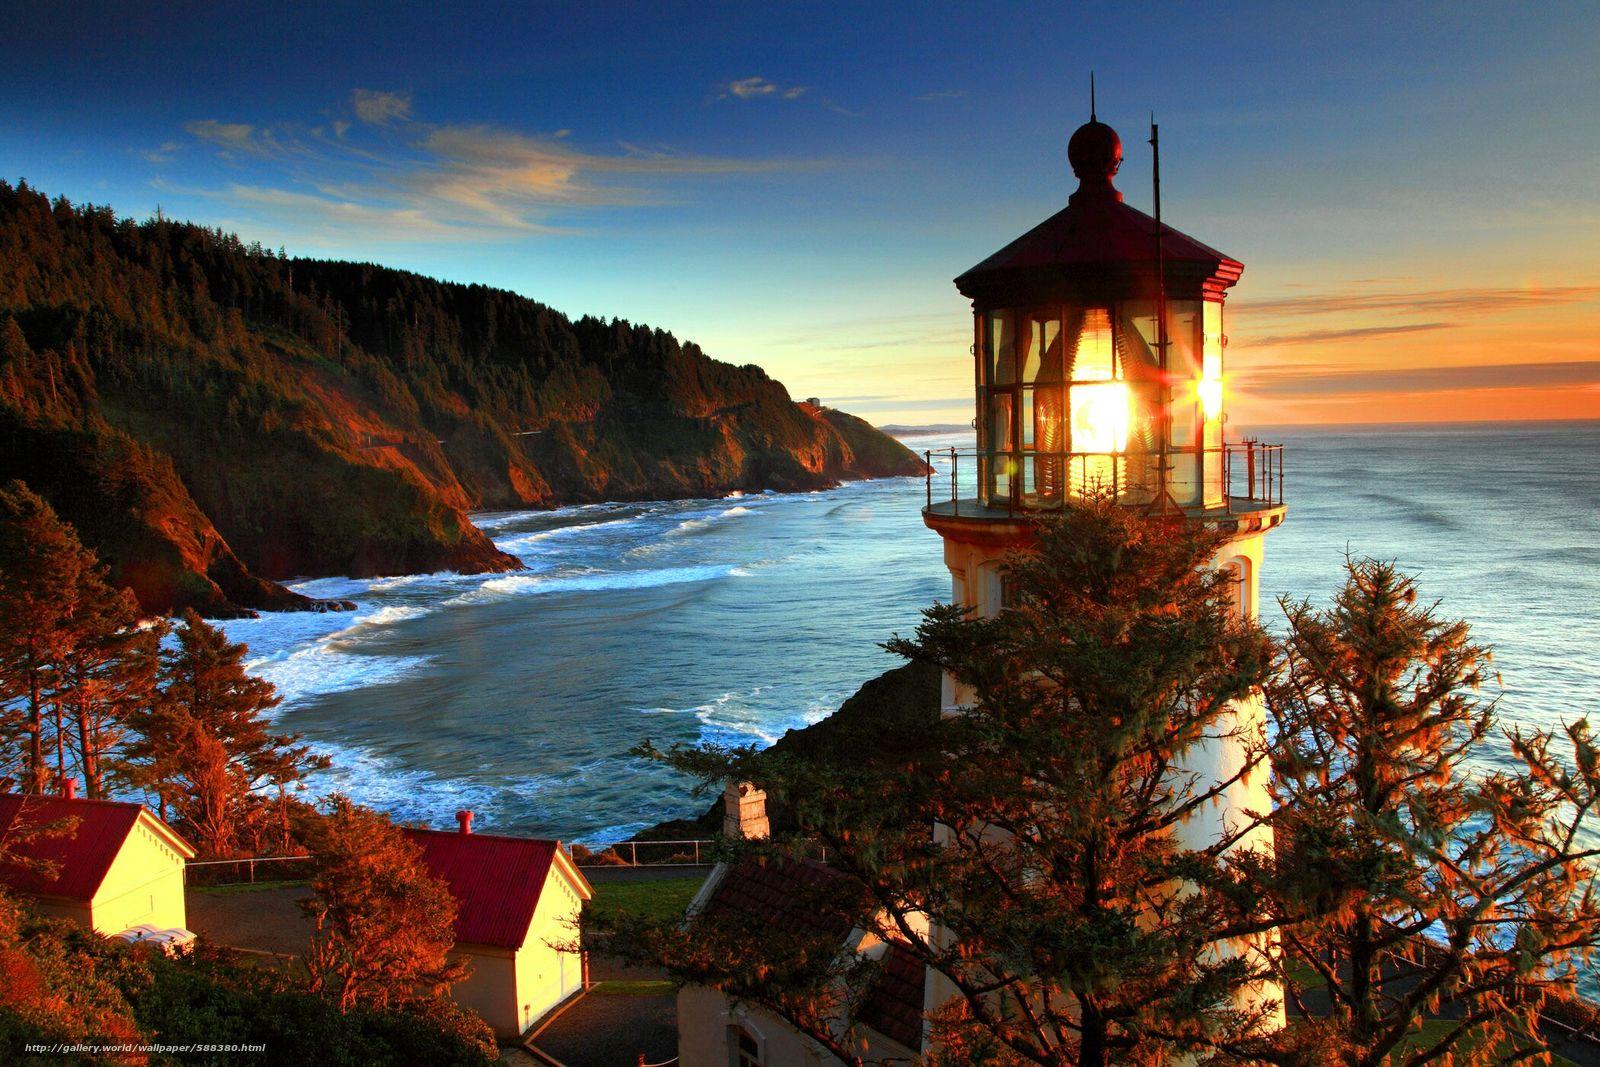 壁紙をダウンロード 海岸,  海,  自然,  灯台 デスクトップの解像度のための無料壁紙 2100x1400 — 絵 №588380